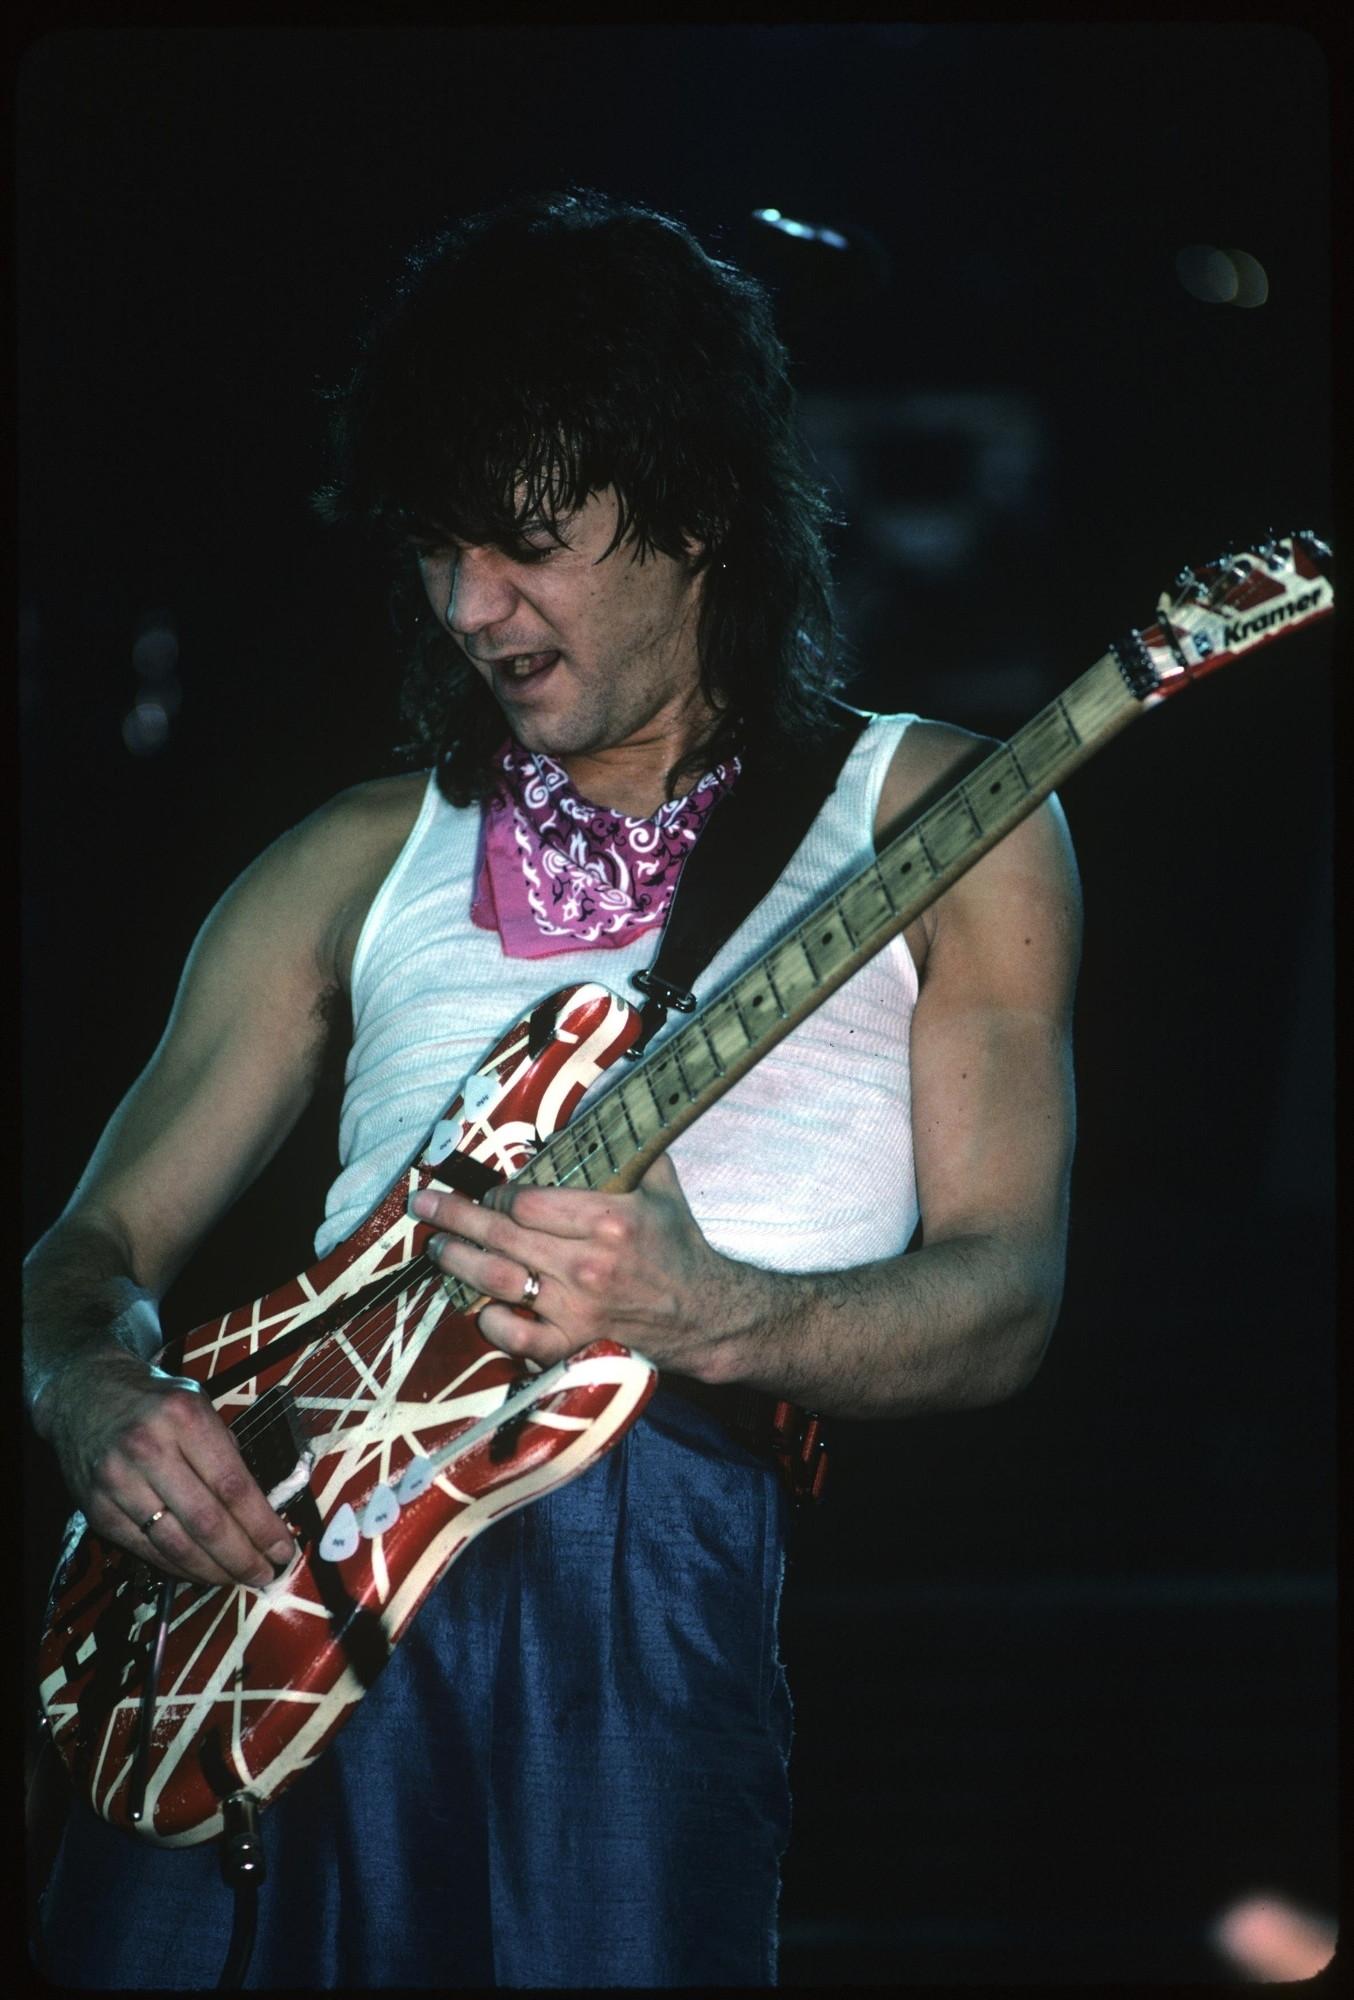 Addio a Eddie van Halen: il leggendario chitarrista e fondatore dei Van  Halen è morto a 65 anni per un cancro - Tgcom24